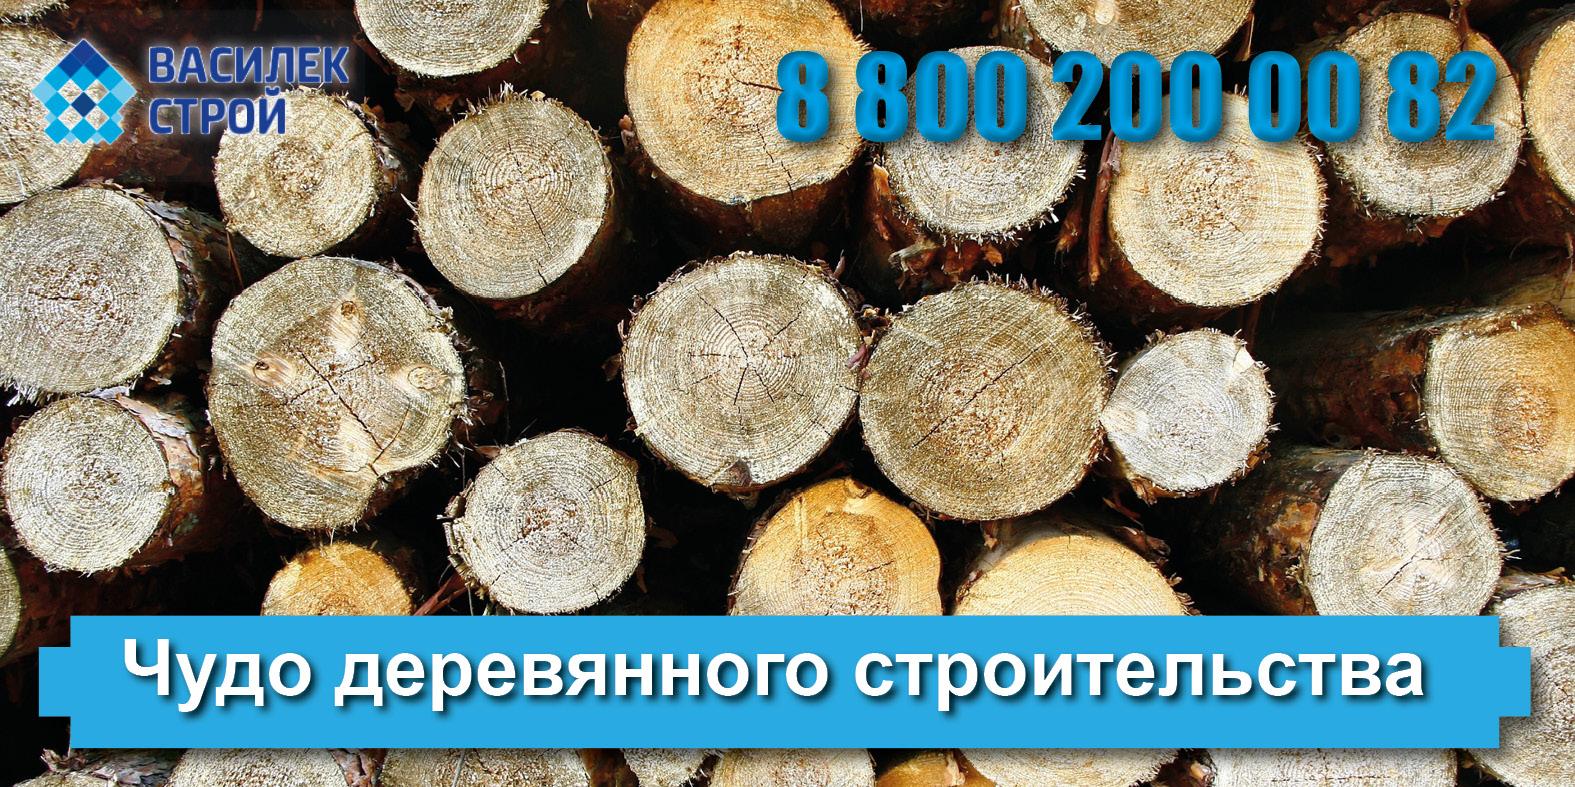 Какое Москва строительство деревянных домов предлагает сегодня: проекты и цены на строительство деревянных дачных домов